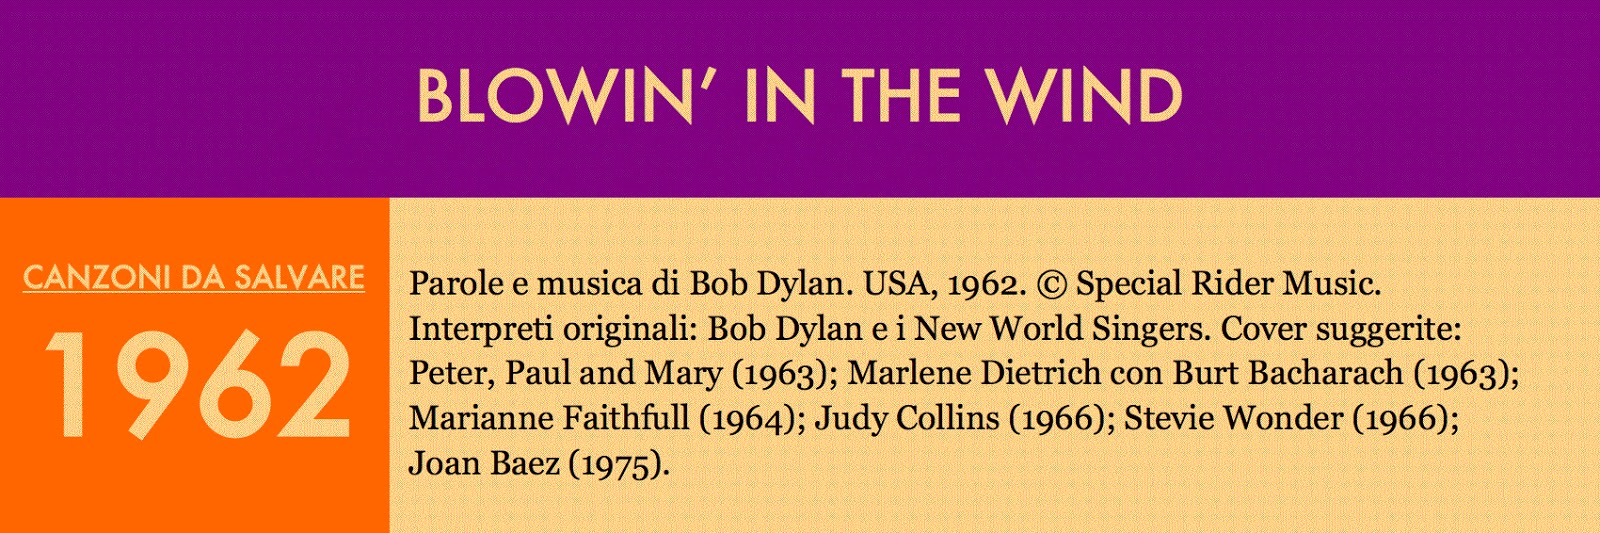 fb9fcbb5bc6d Quando gli è stato conferito il Nobel per la letteratura, in molti si sono  domandati se sia legittimo considerare poesia i versi delle canzoni.